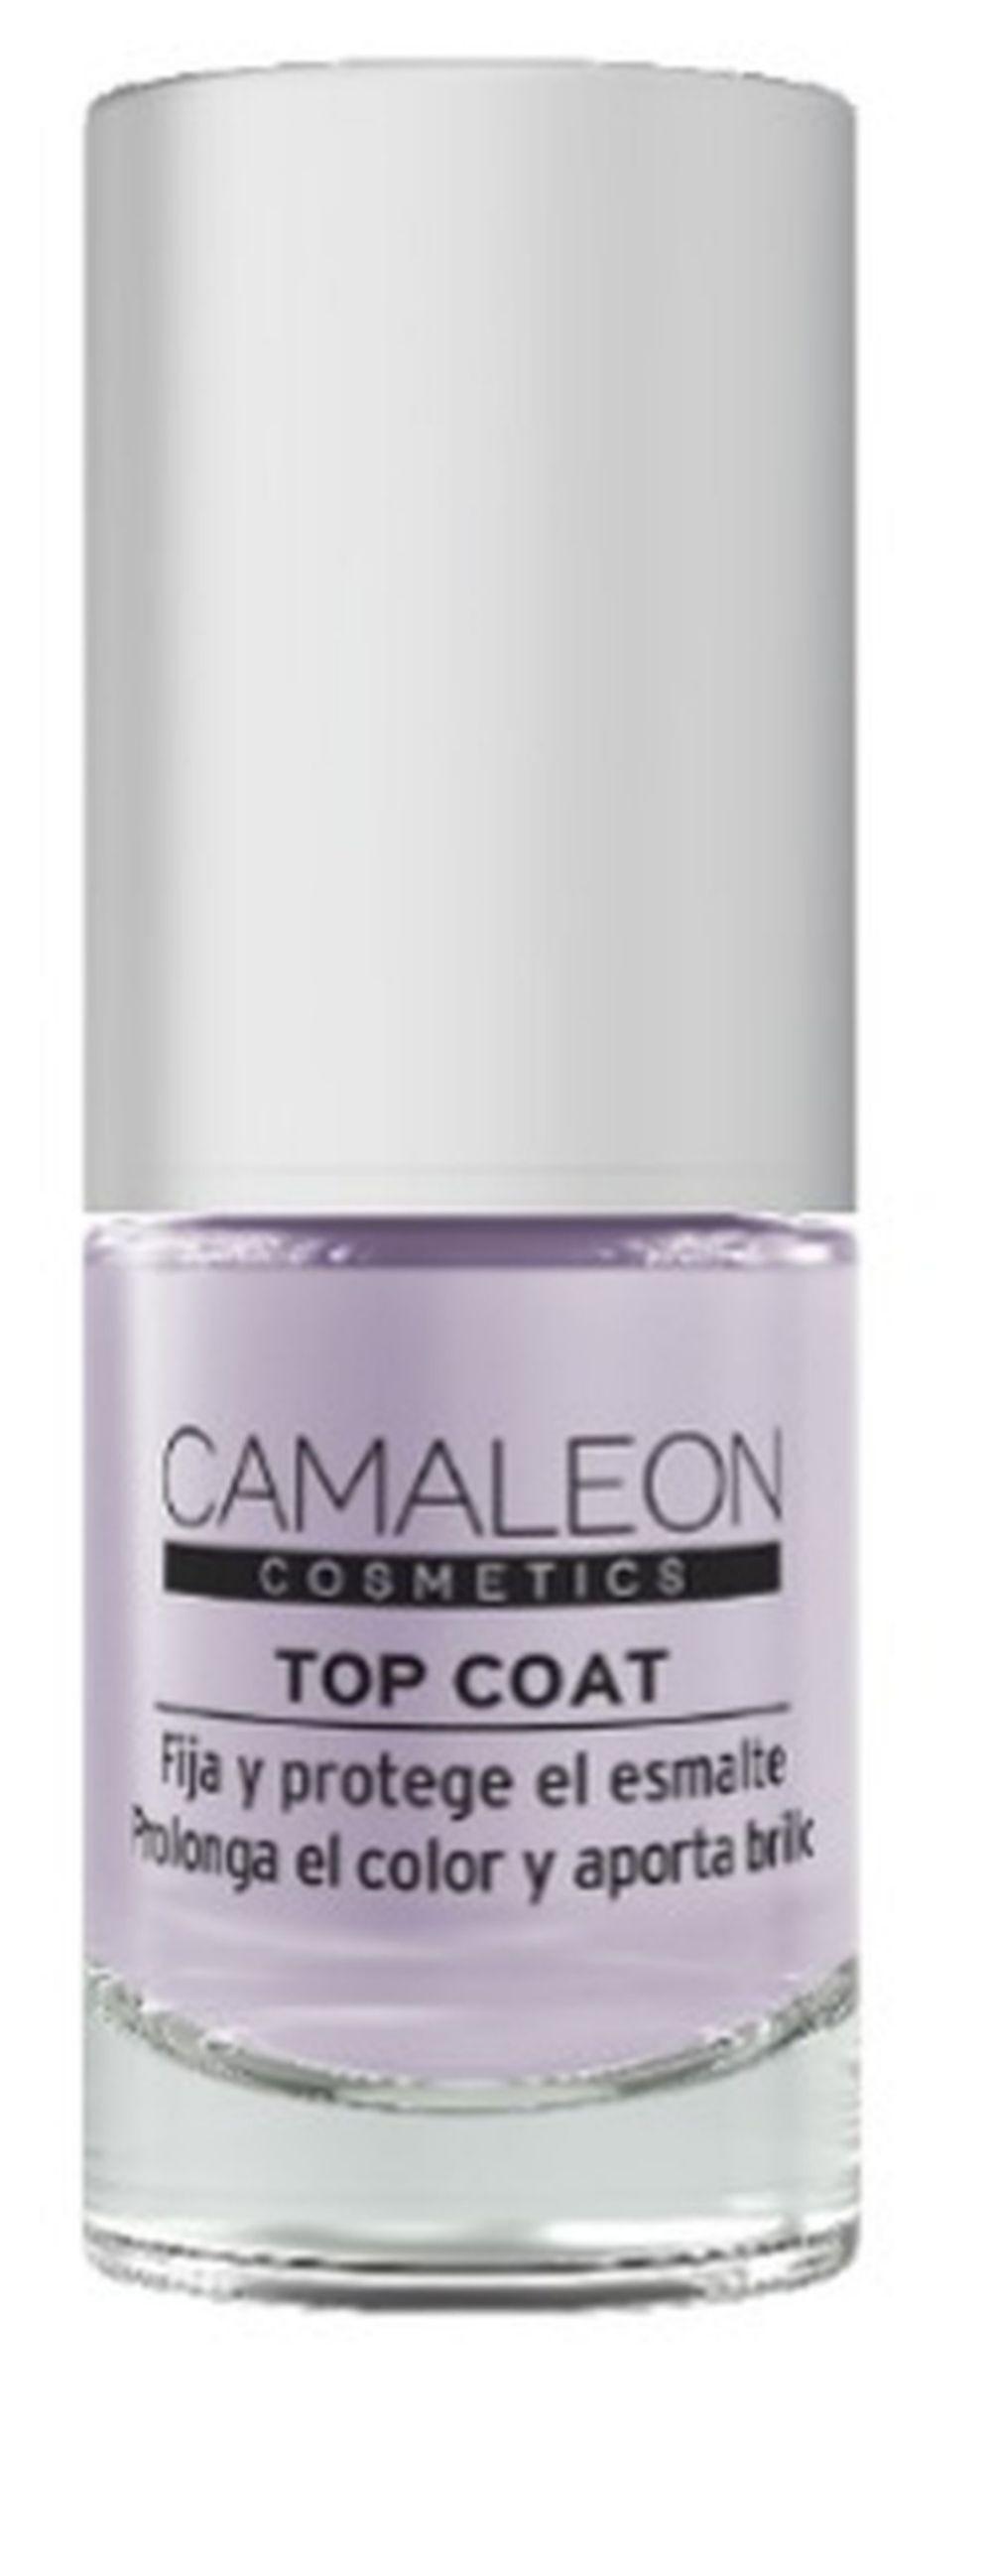 Top Coat, Camaleon (4,95 euros, en farmacias, parafarmacias, y camaleoncosmetics.com)